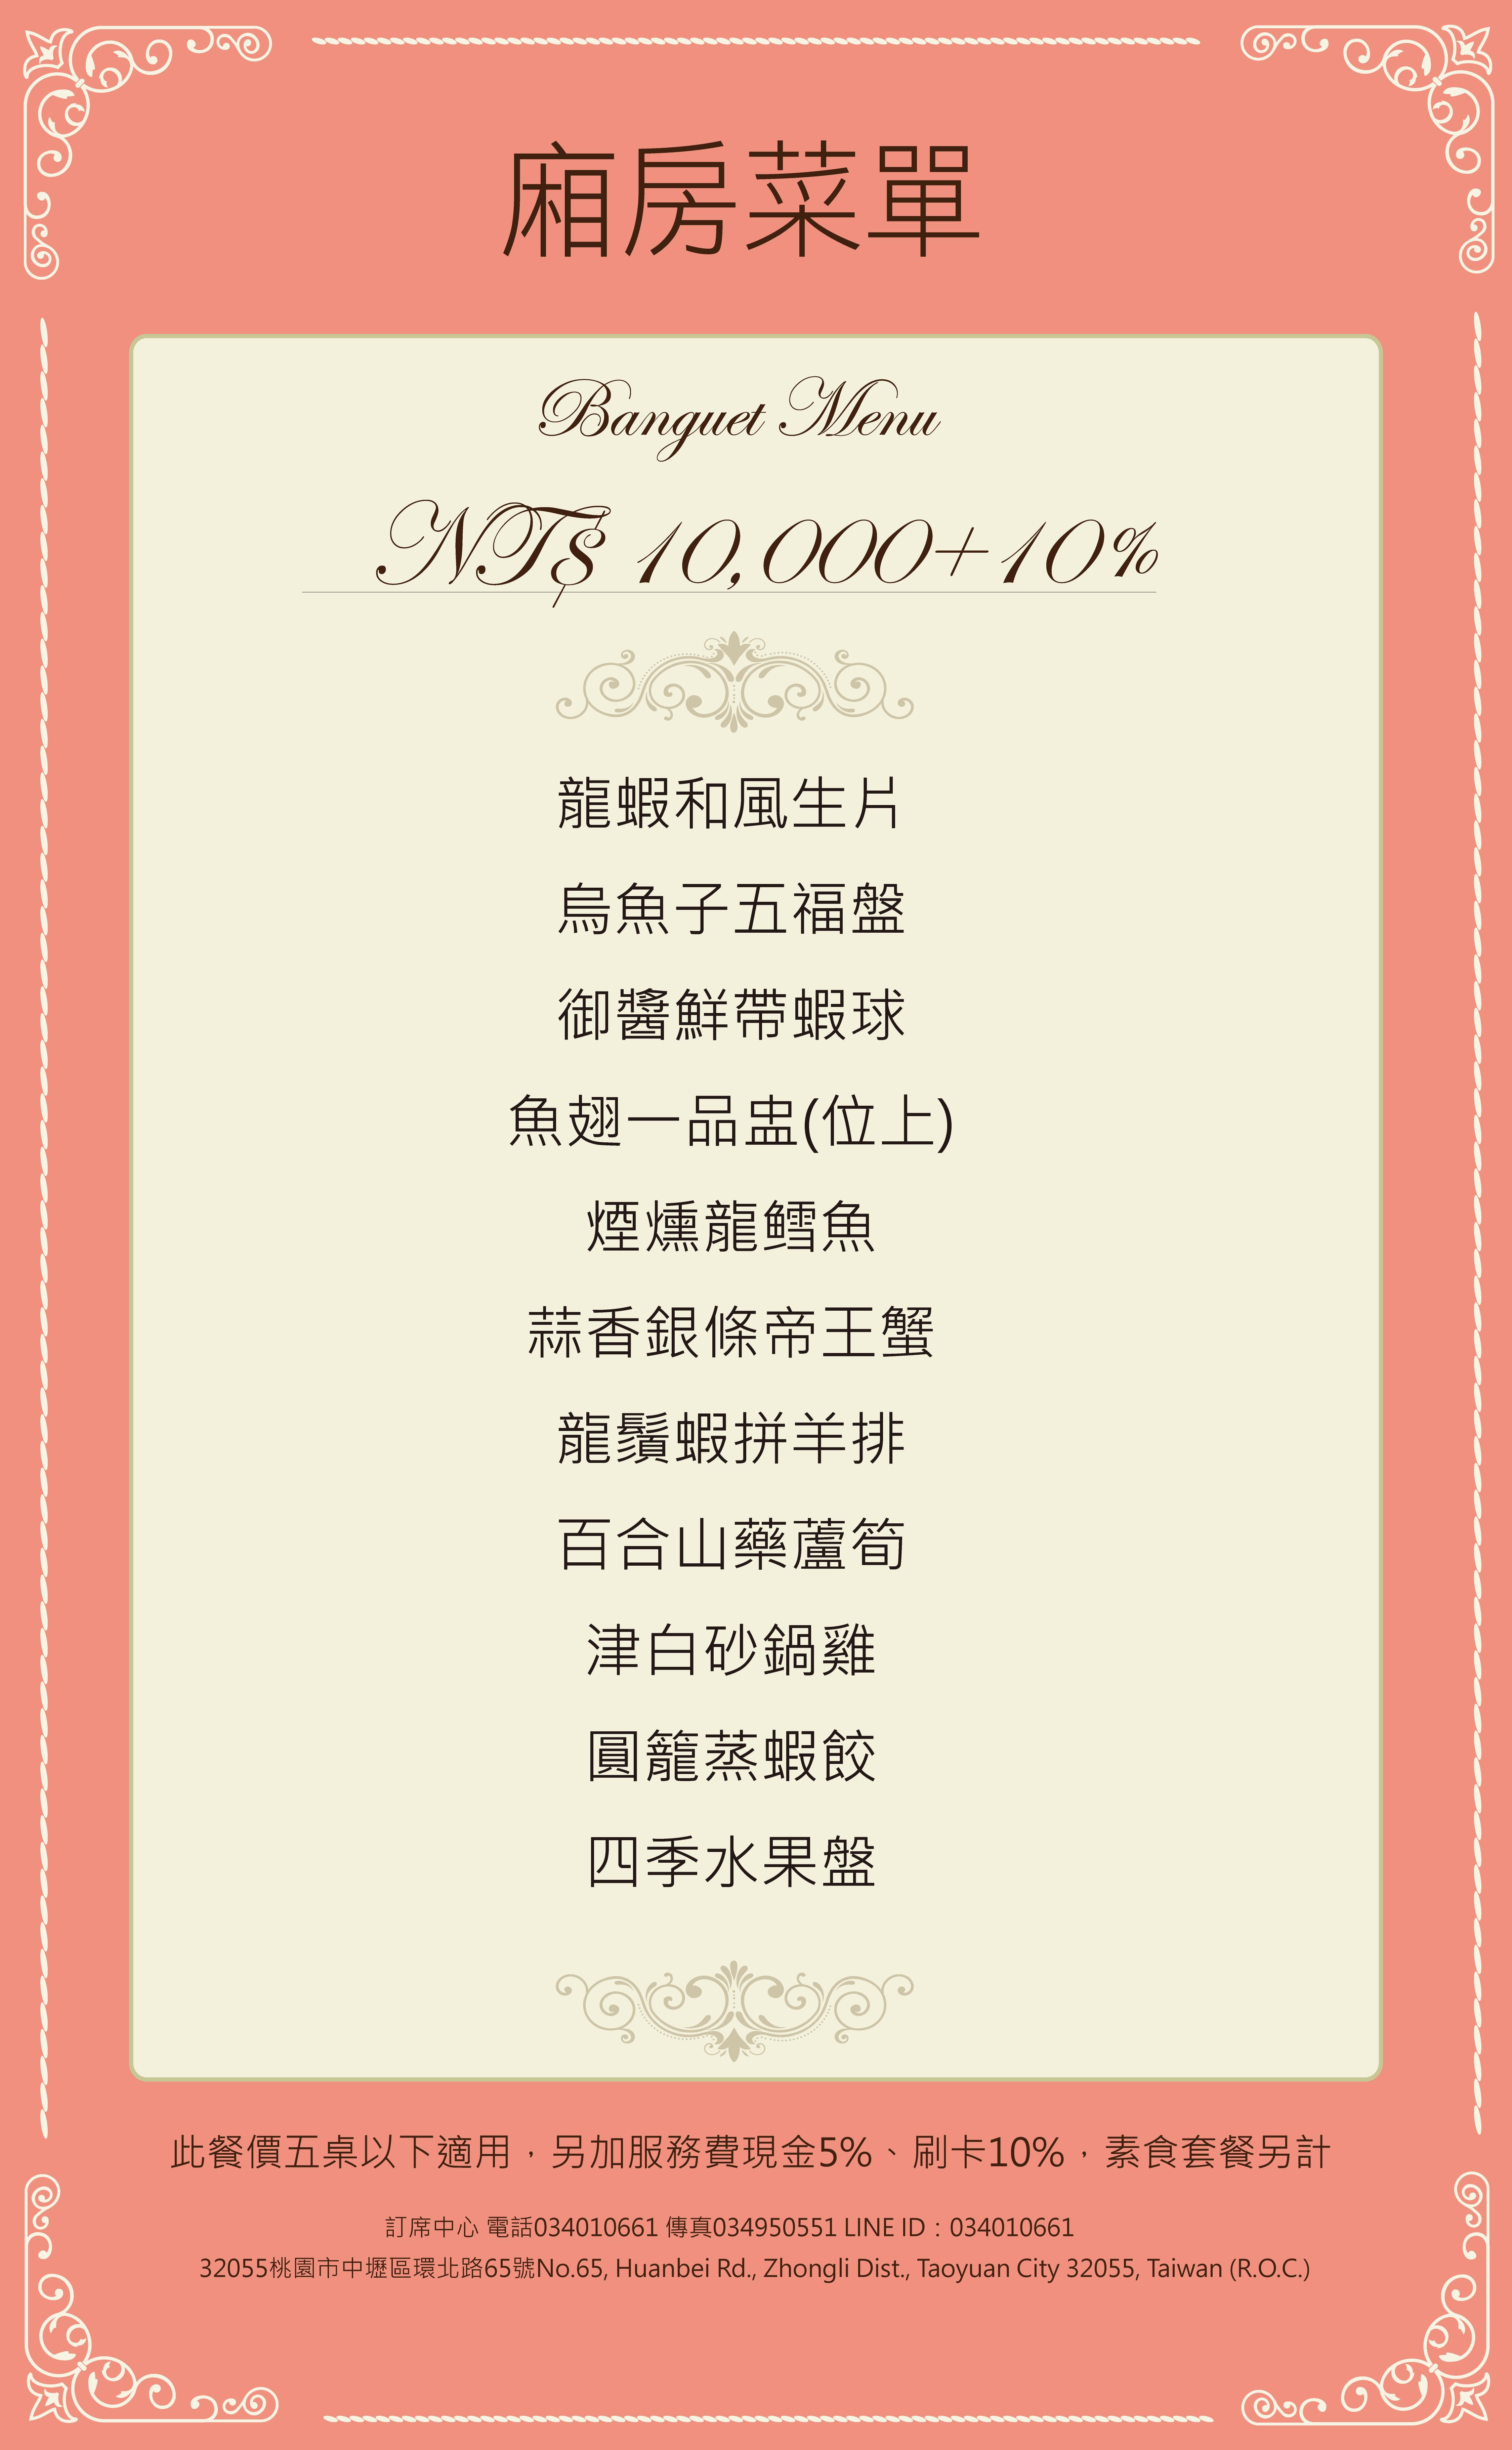 廂房菜單10000-01.png